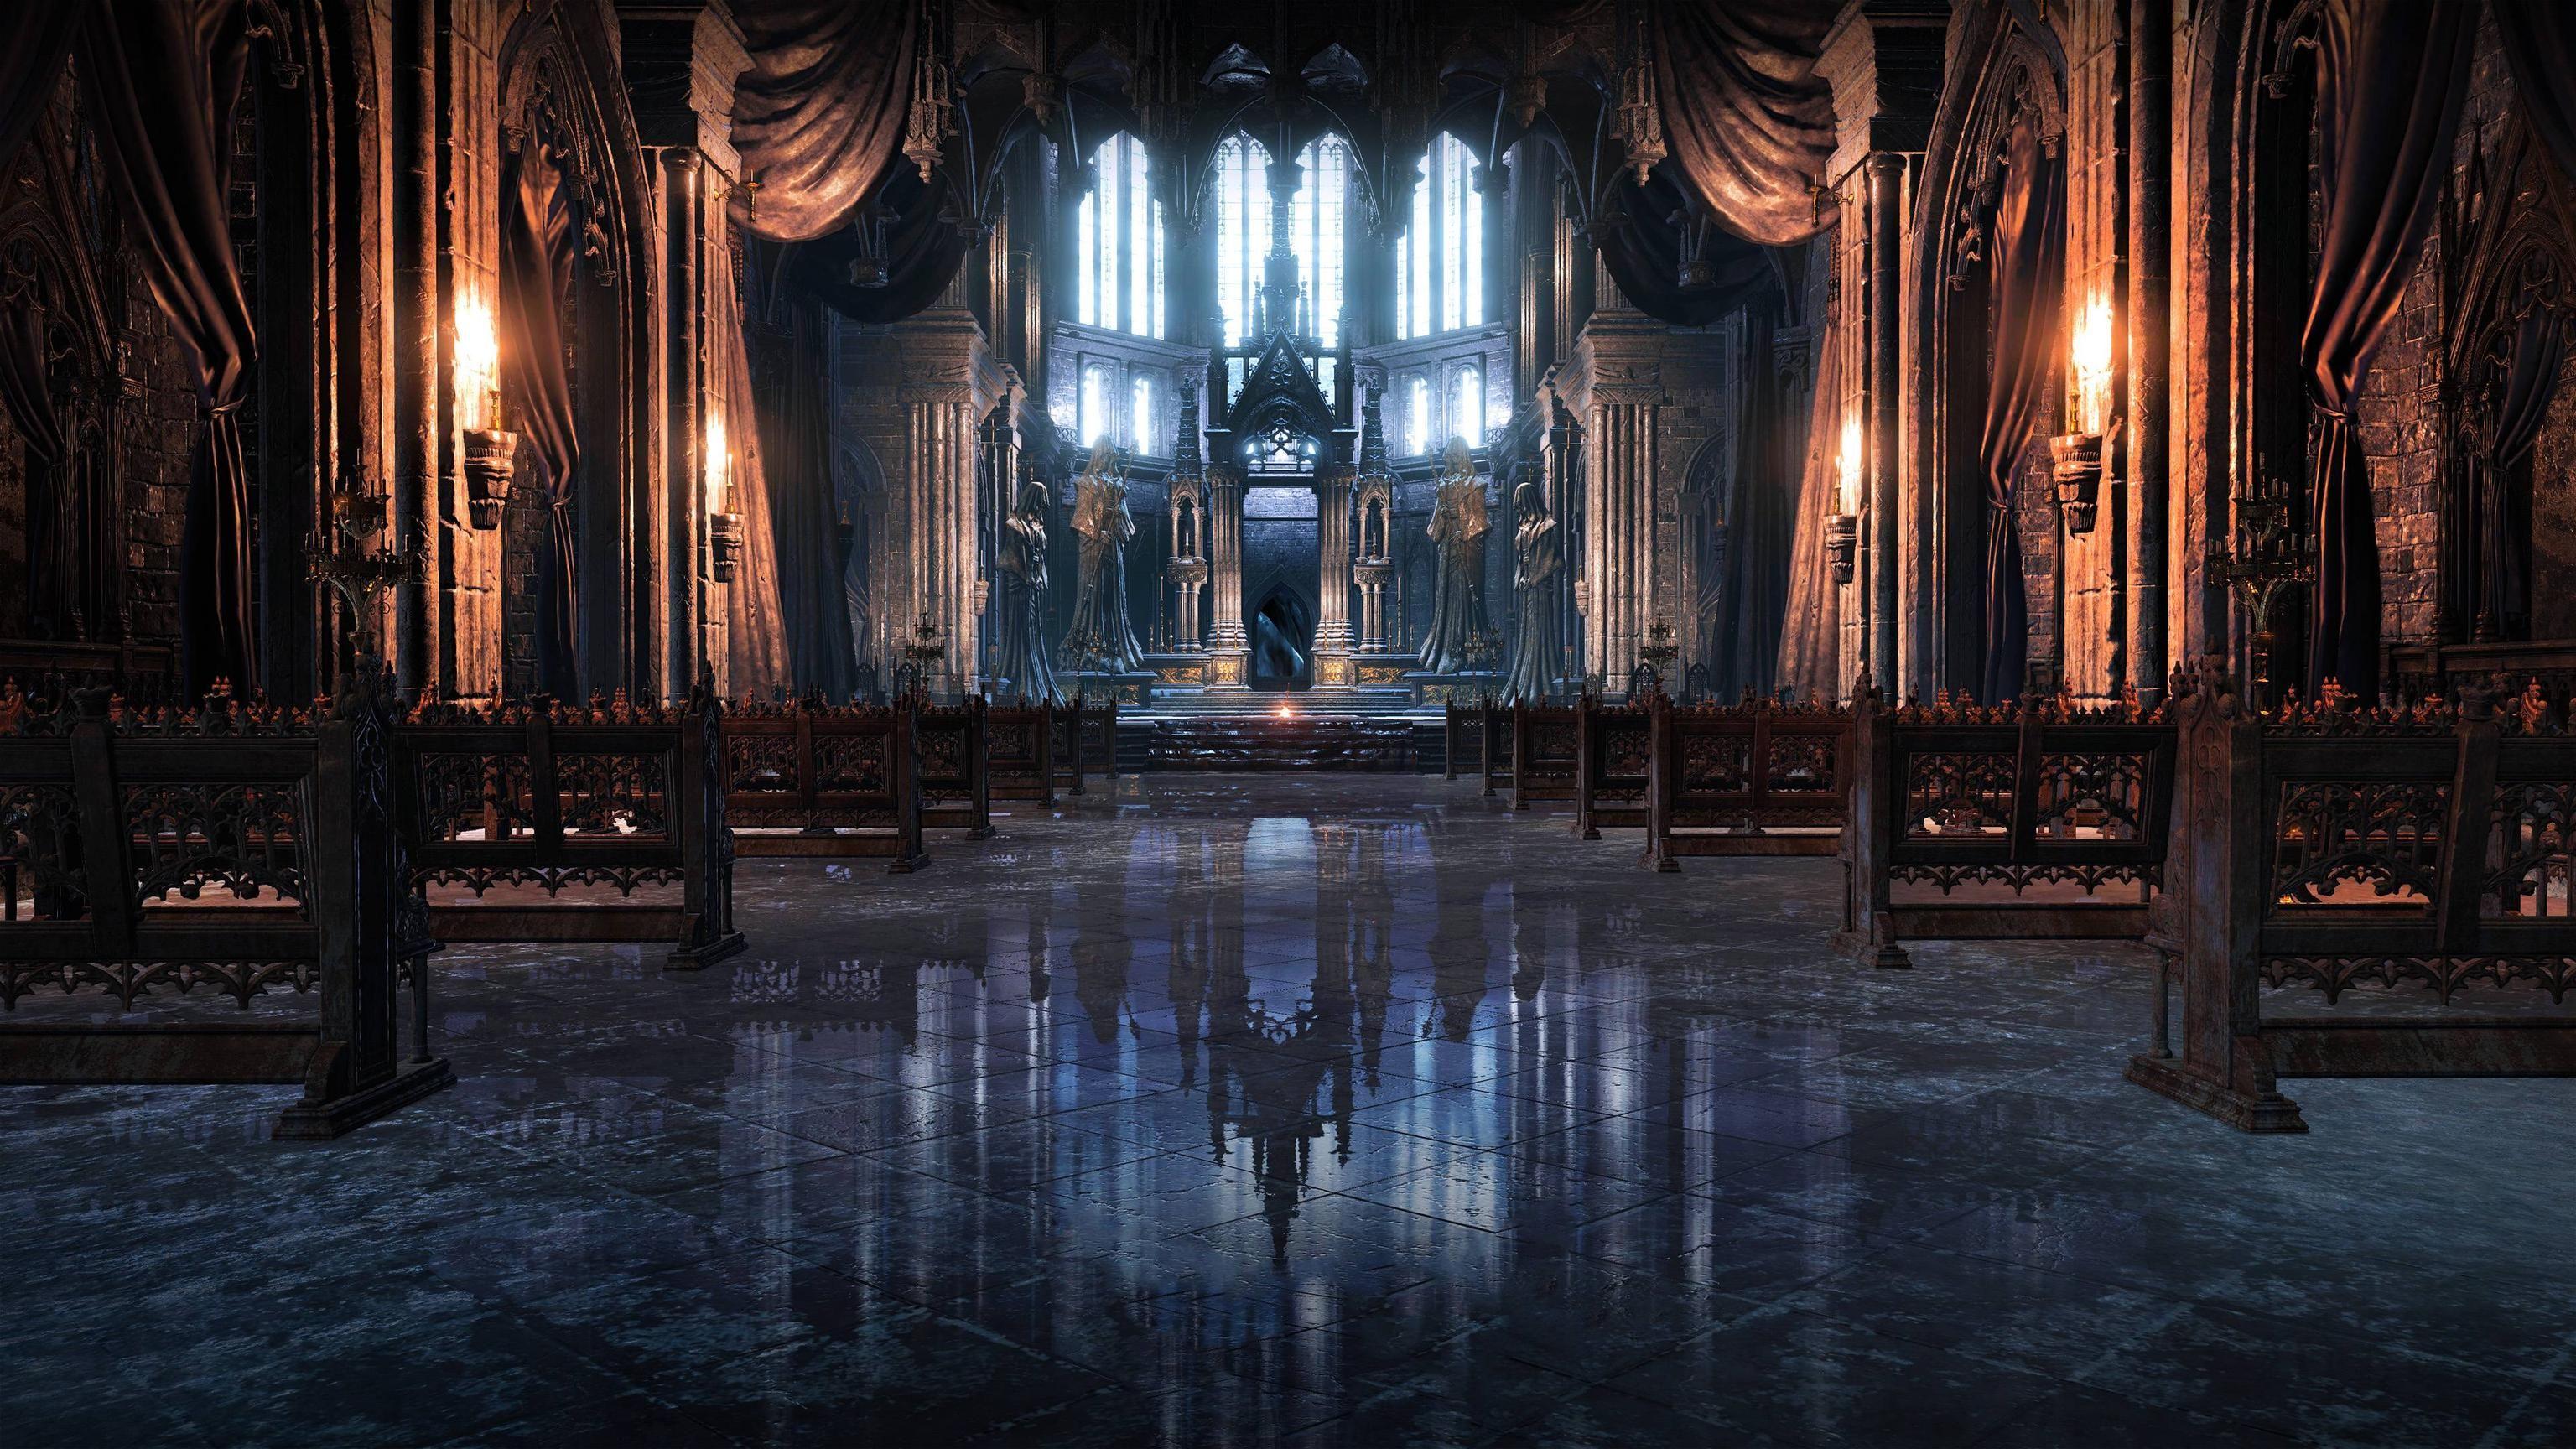 Dark Souls 3 4k Wallpaper: Dark Souls III - 4K Wallpaper - High Resolution